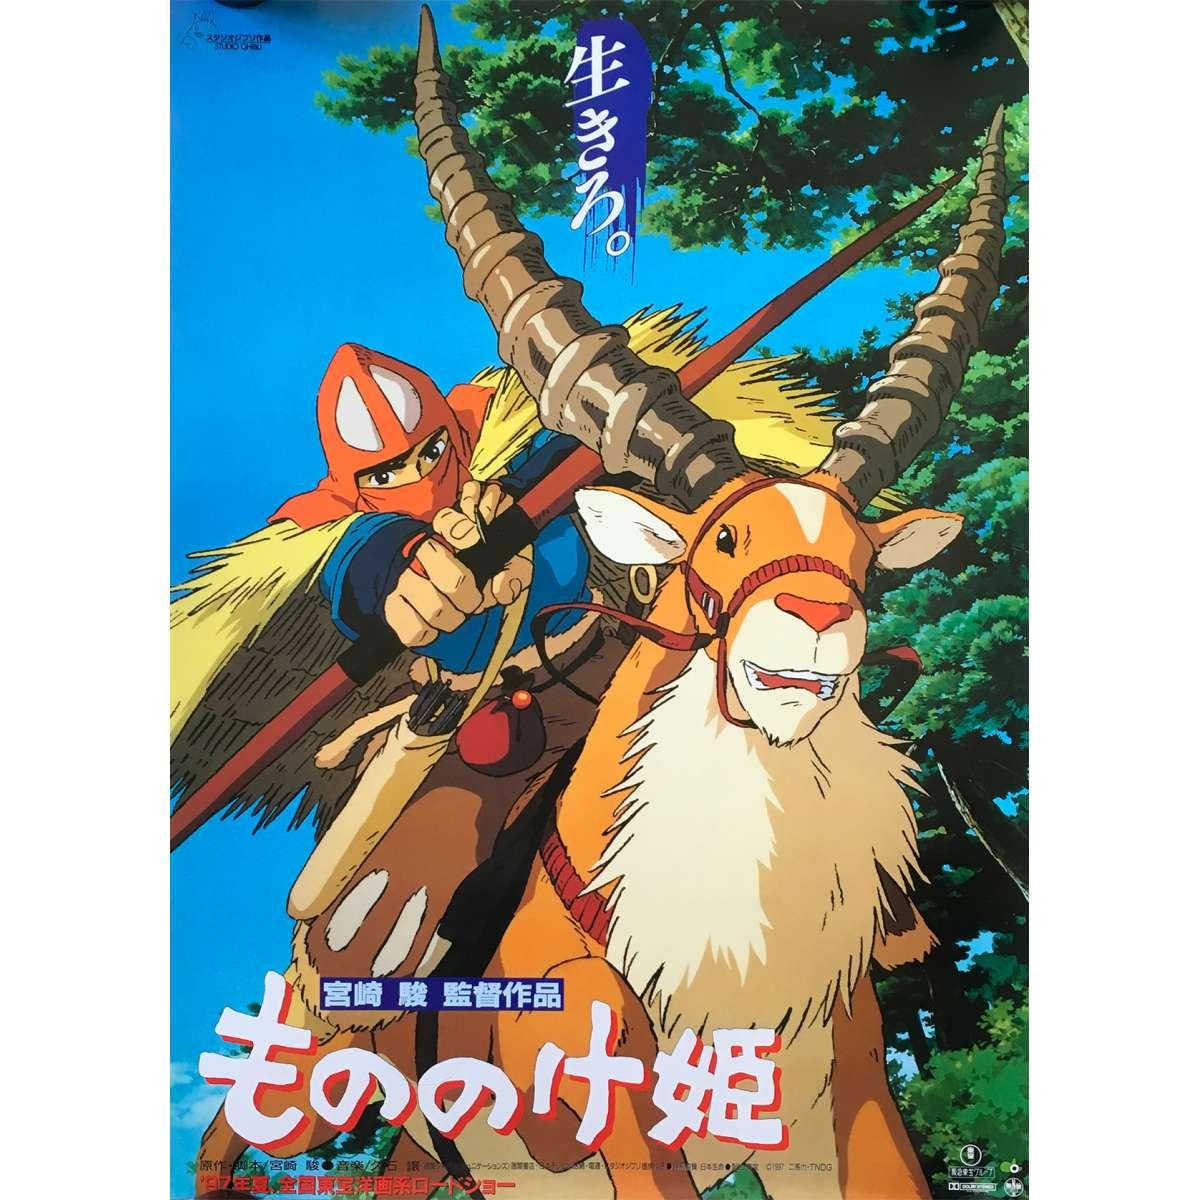 princess mononoke japanese movie poster style b 1997 studios ghibli miyazaki